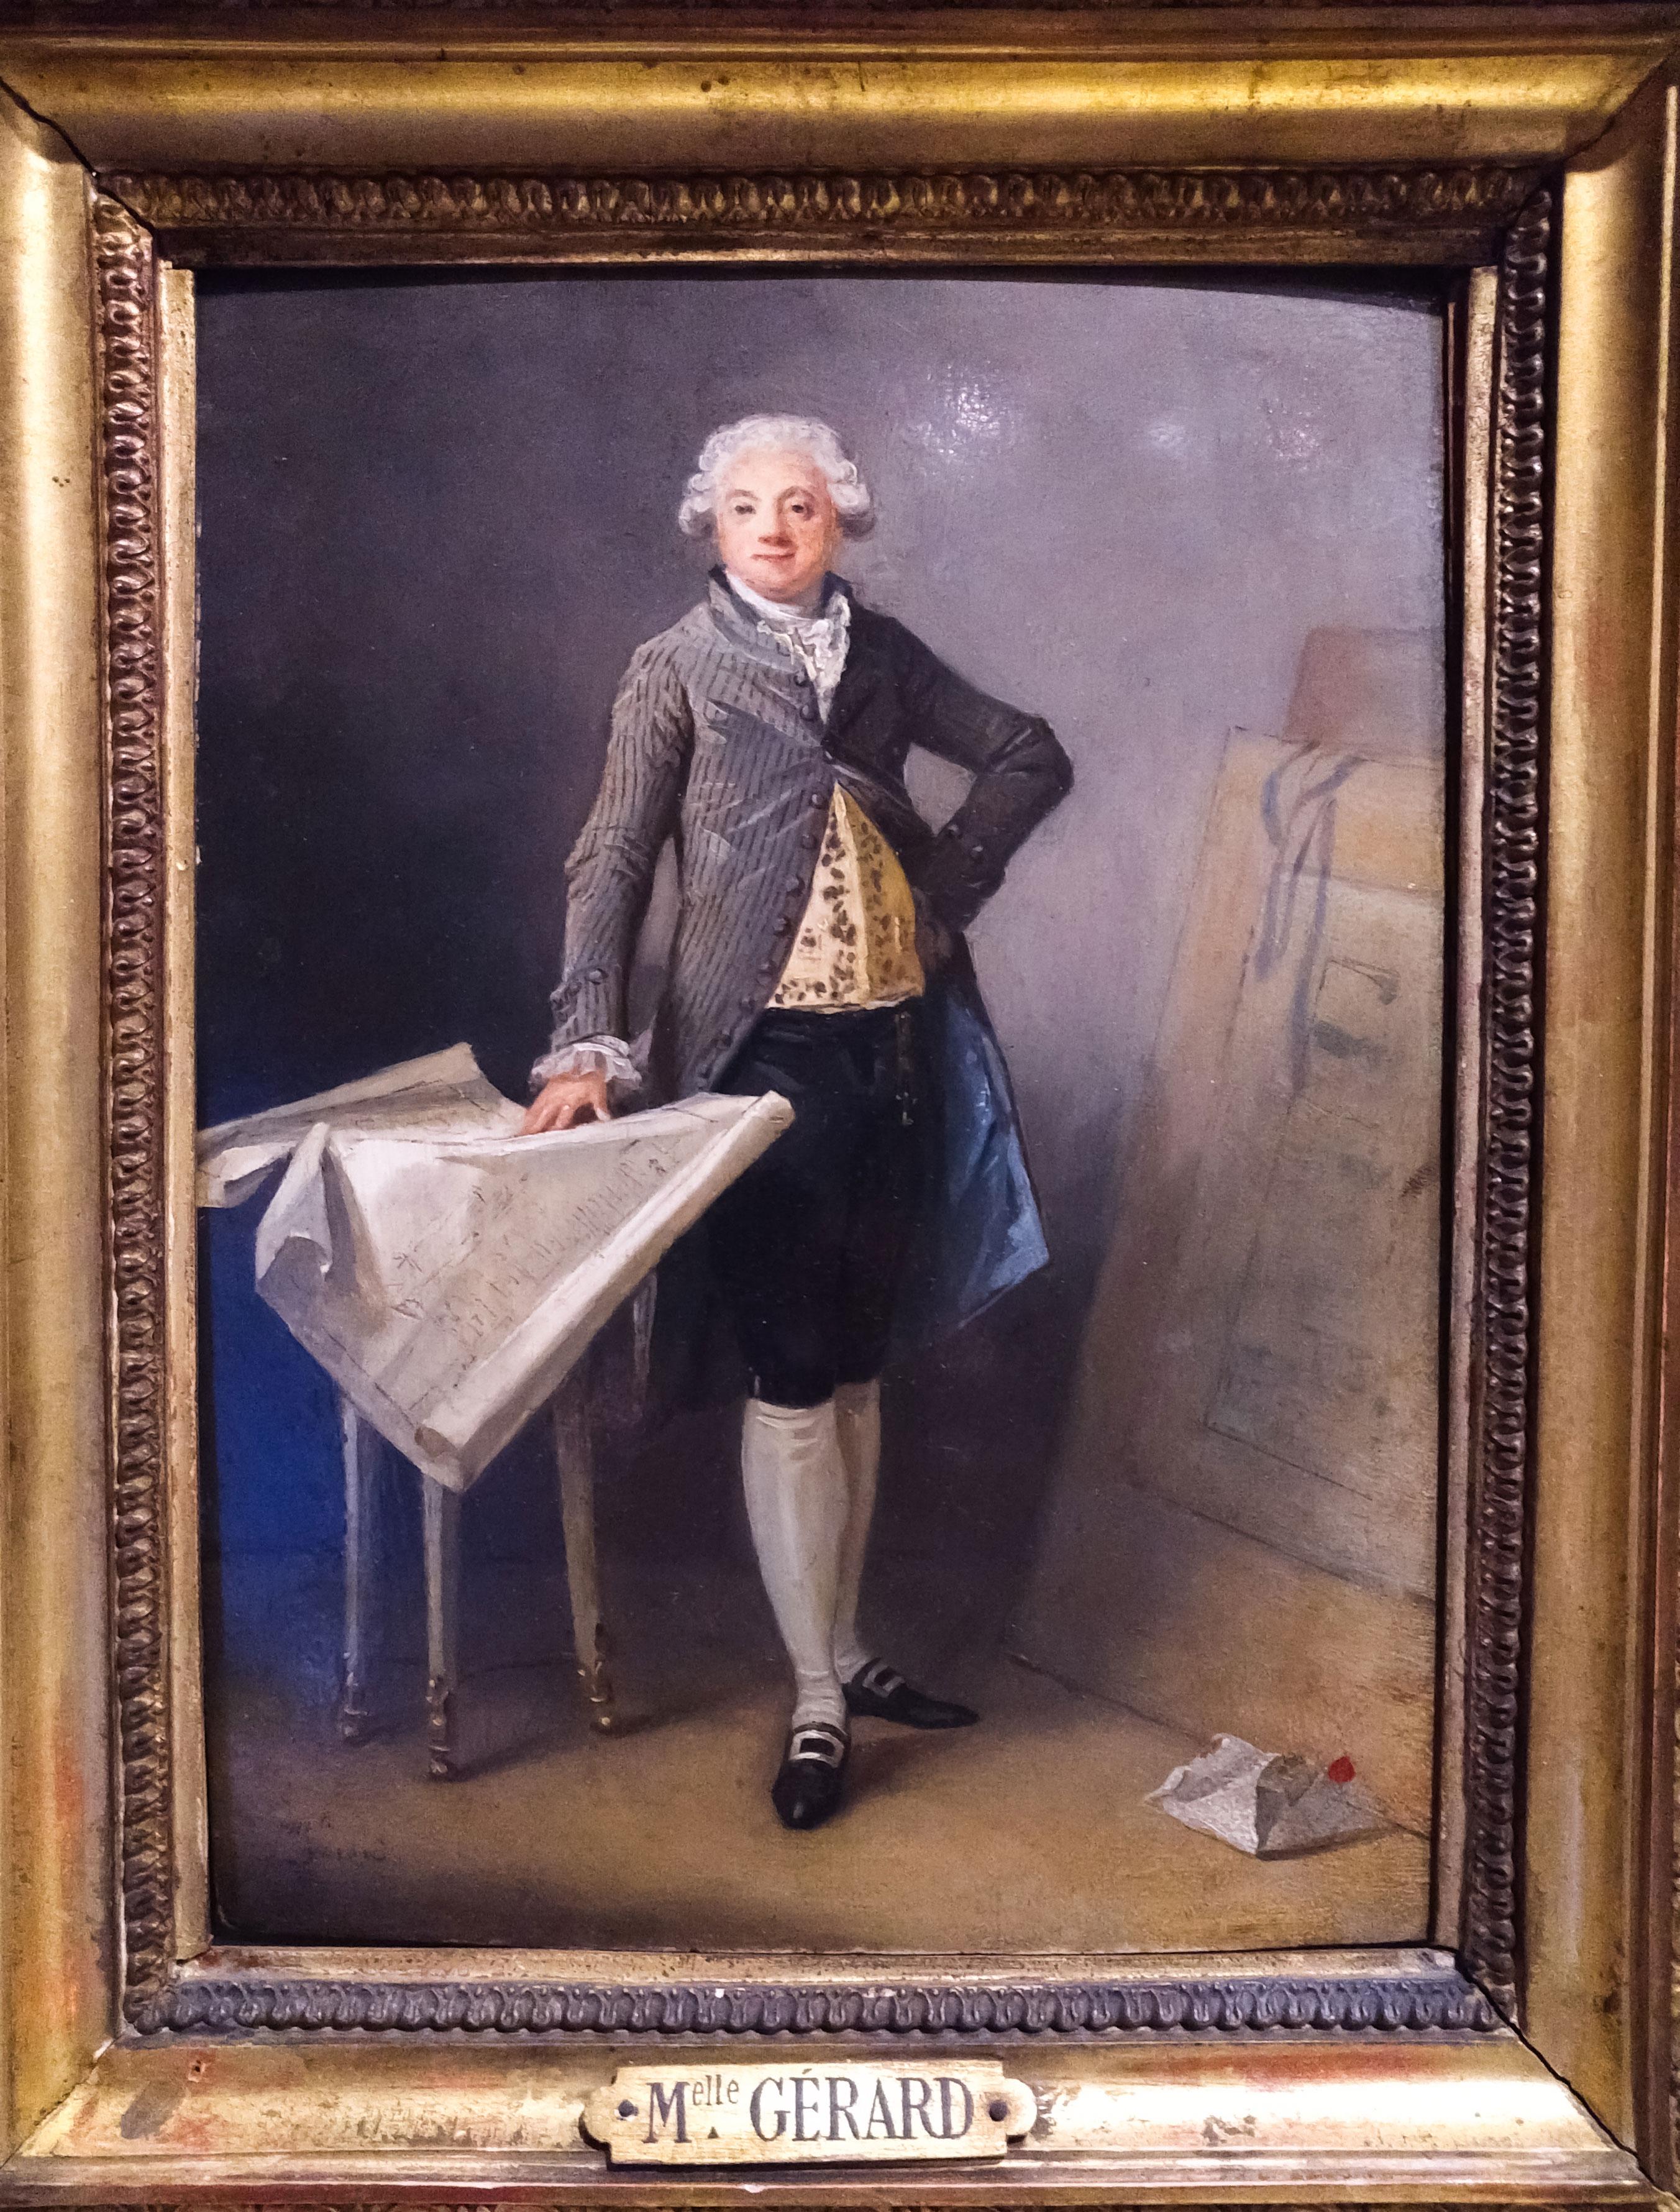 Homme du 18e siècle montrant sa tenue et ses chaussures